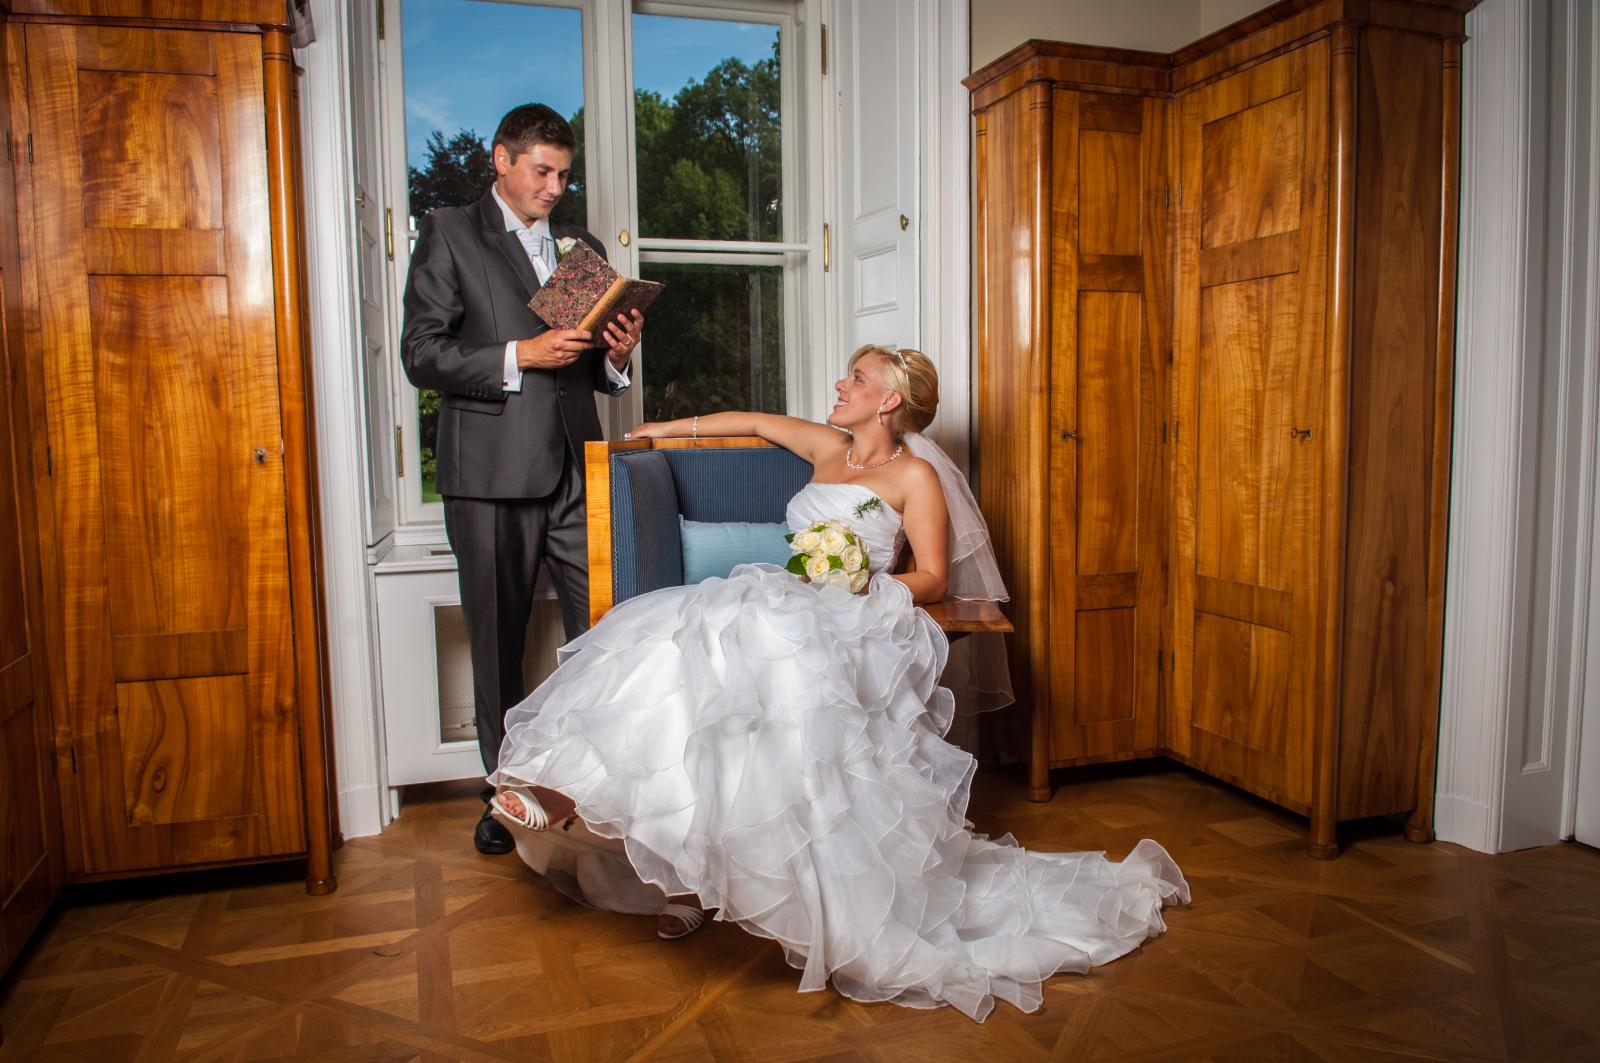 Fotografování svatby i přes nepřízeň počasí